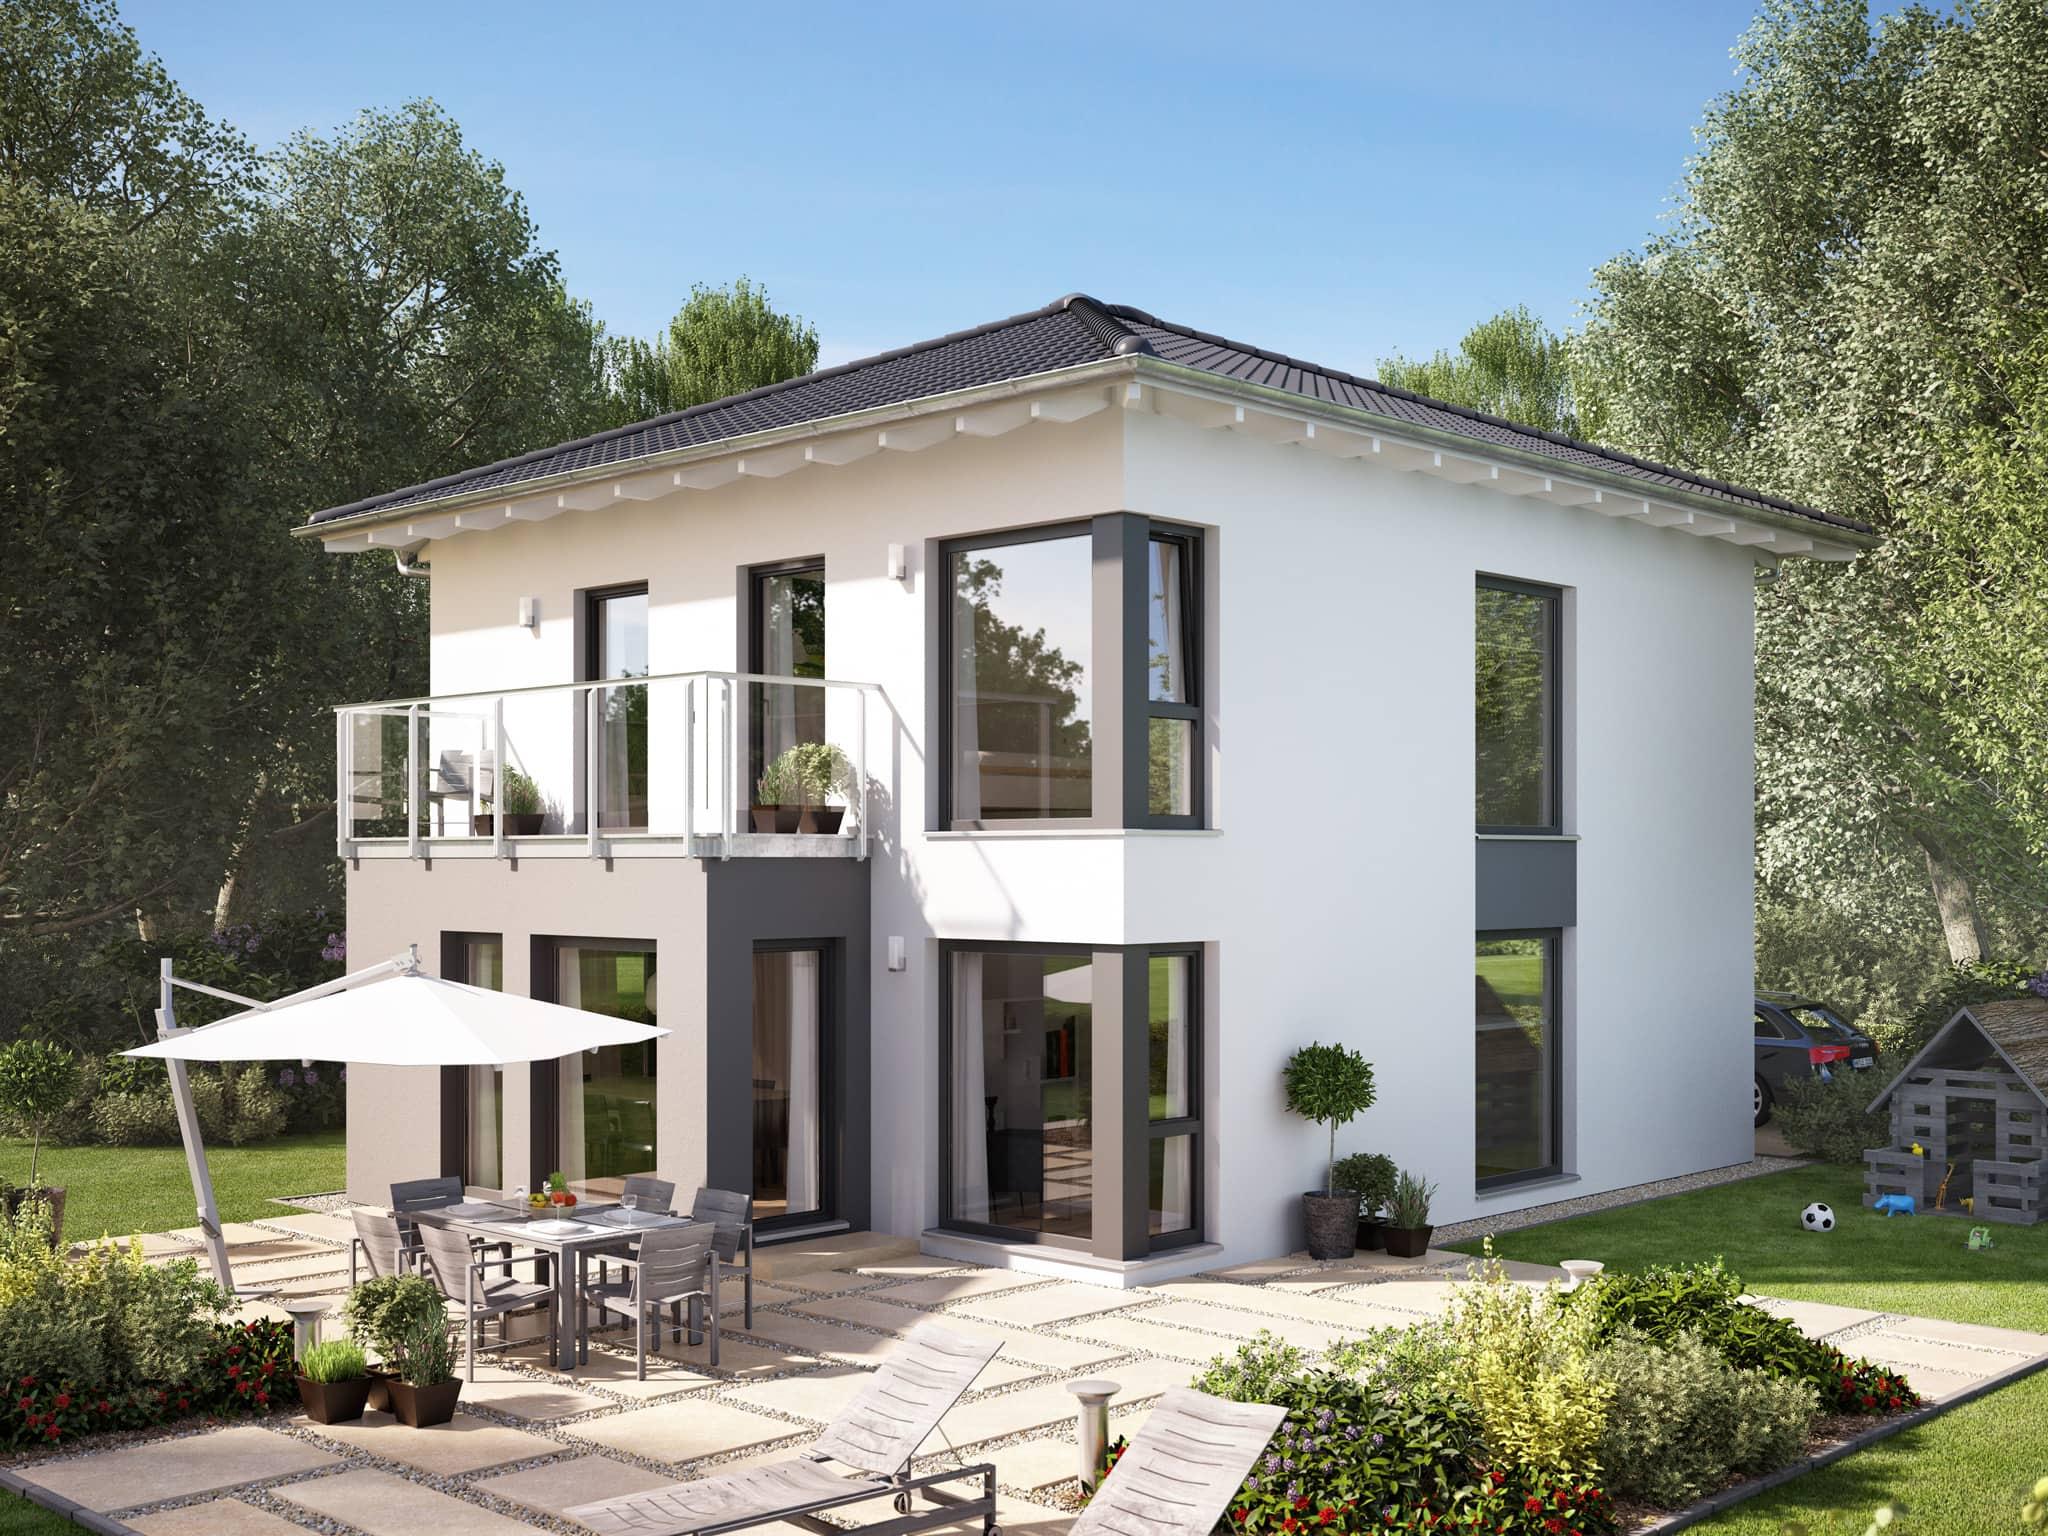 Fertighaus Stadtvilla modern mit Walmdach, Erker & Balkon, 5 Zimmer, 135 qm - Living Haus SUNSHINE 136 V7 - HausbauDirekt.de